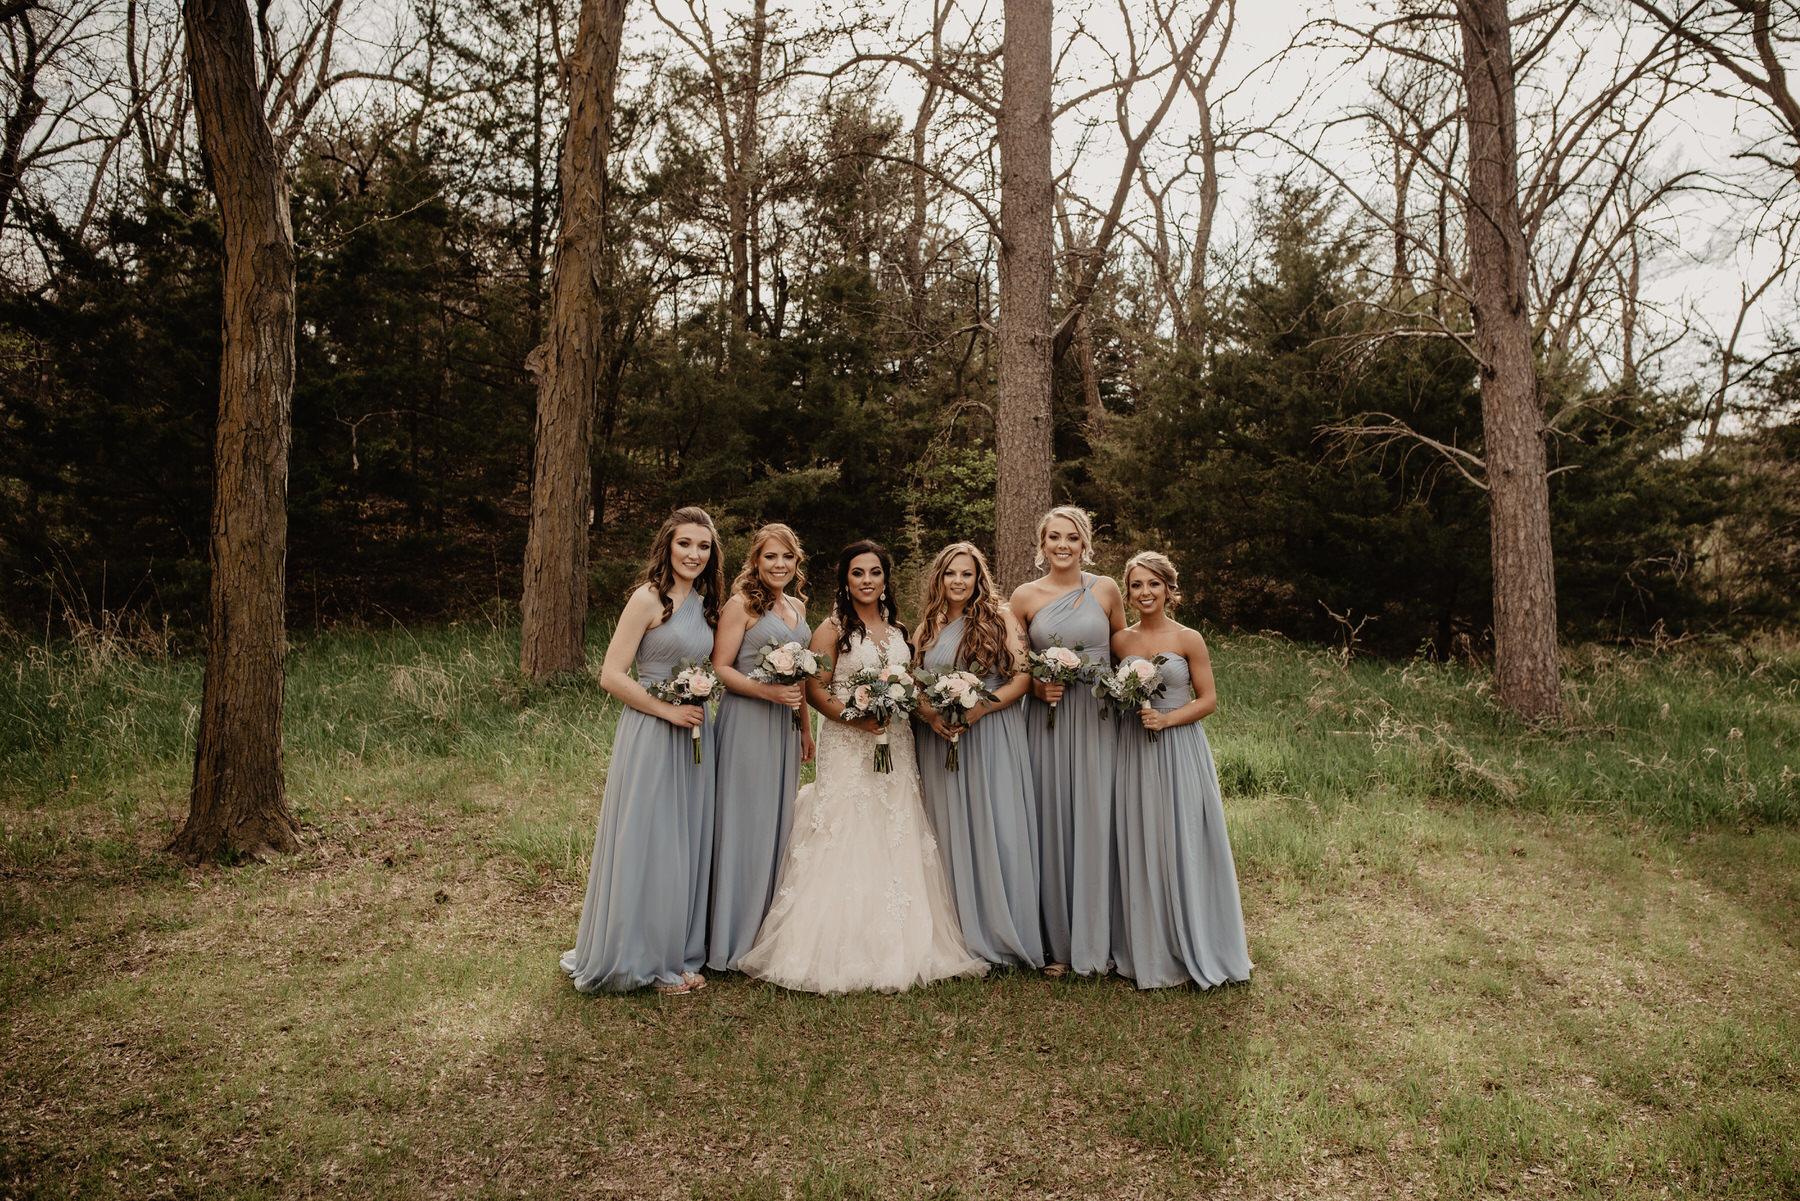 Kaylie-Sirek-Photography-Kearney-Nebraska-Wedding-062.jpg